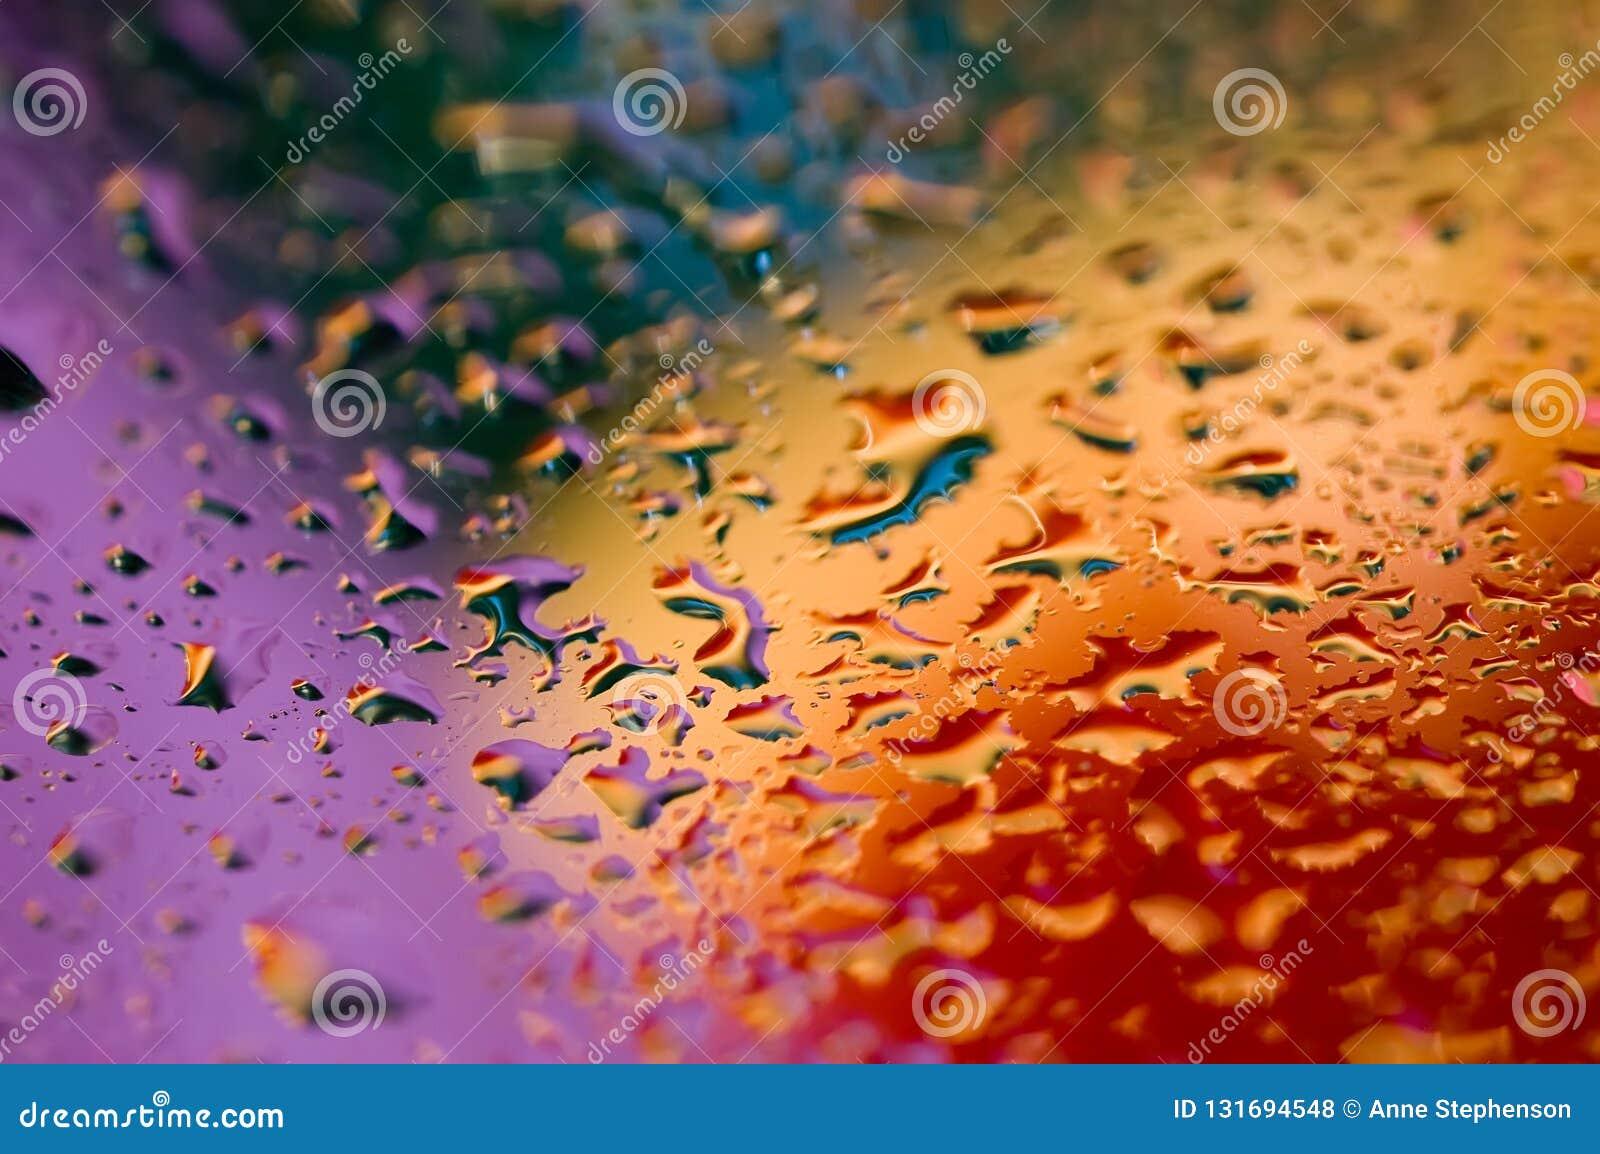 Kleurrijke abstracte achtergrond van purpere, blauwe, rode en oranje parels van water